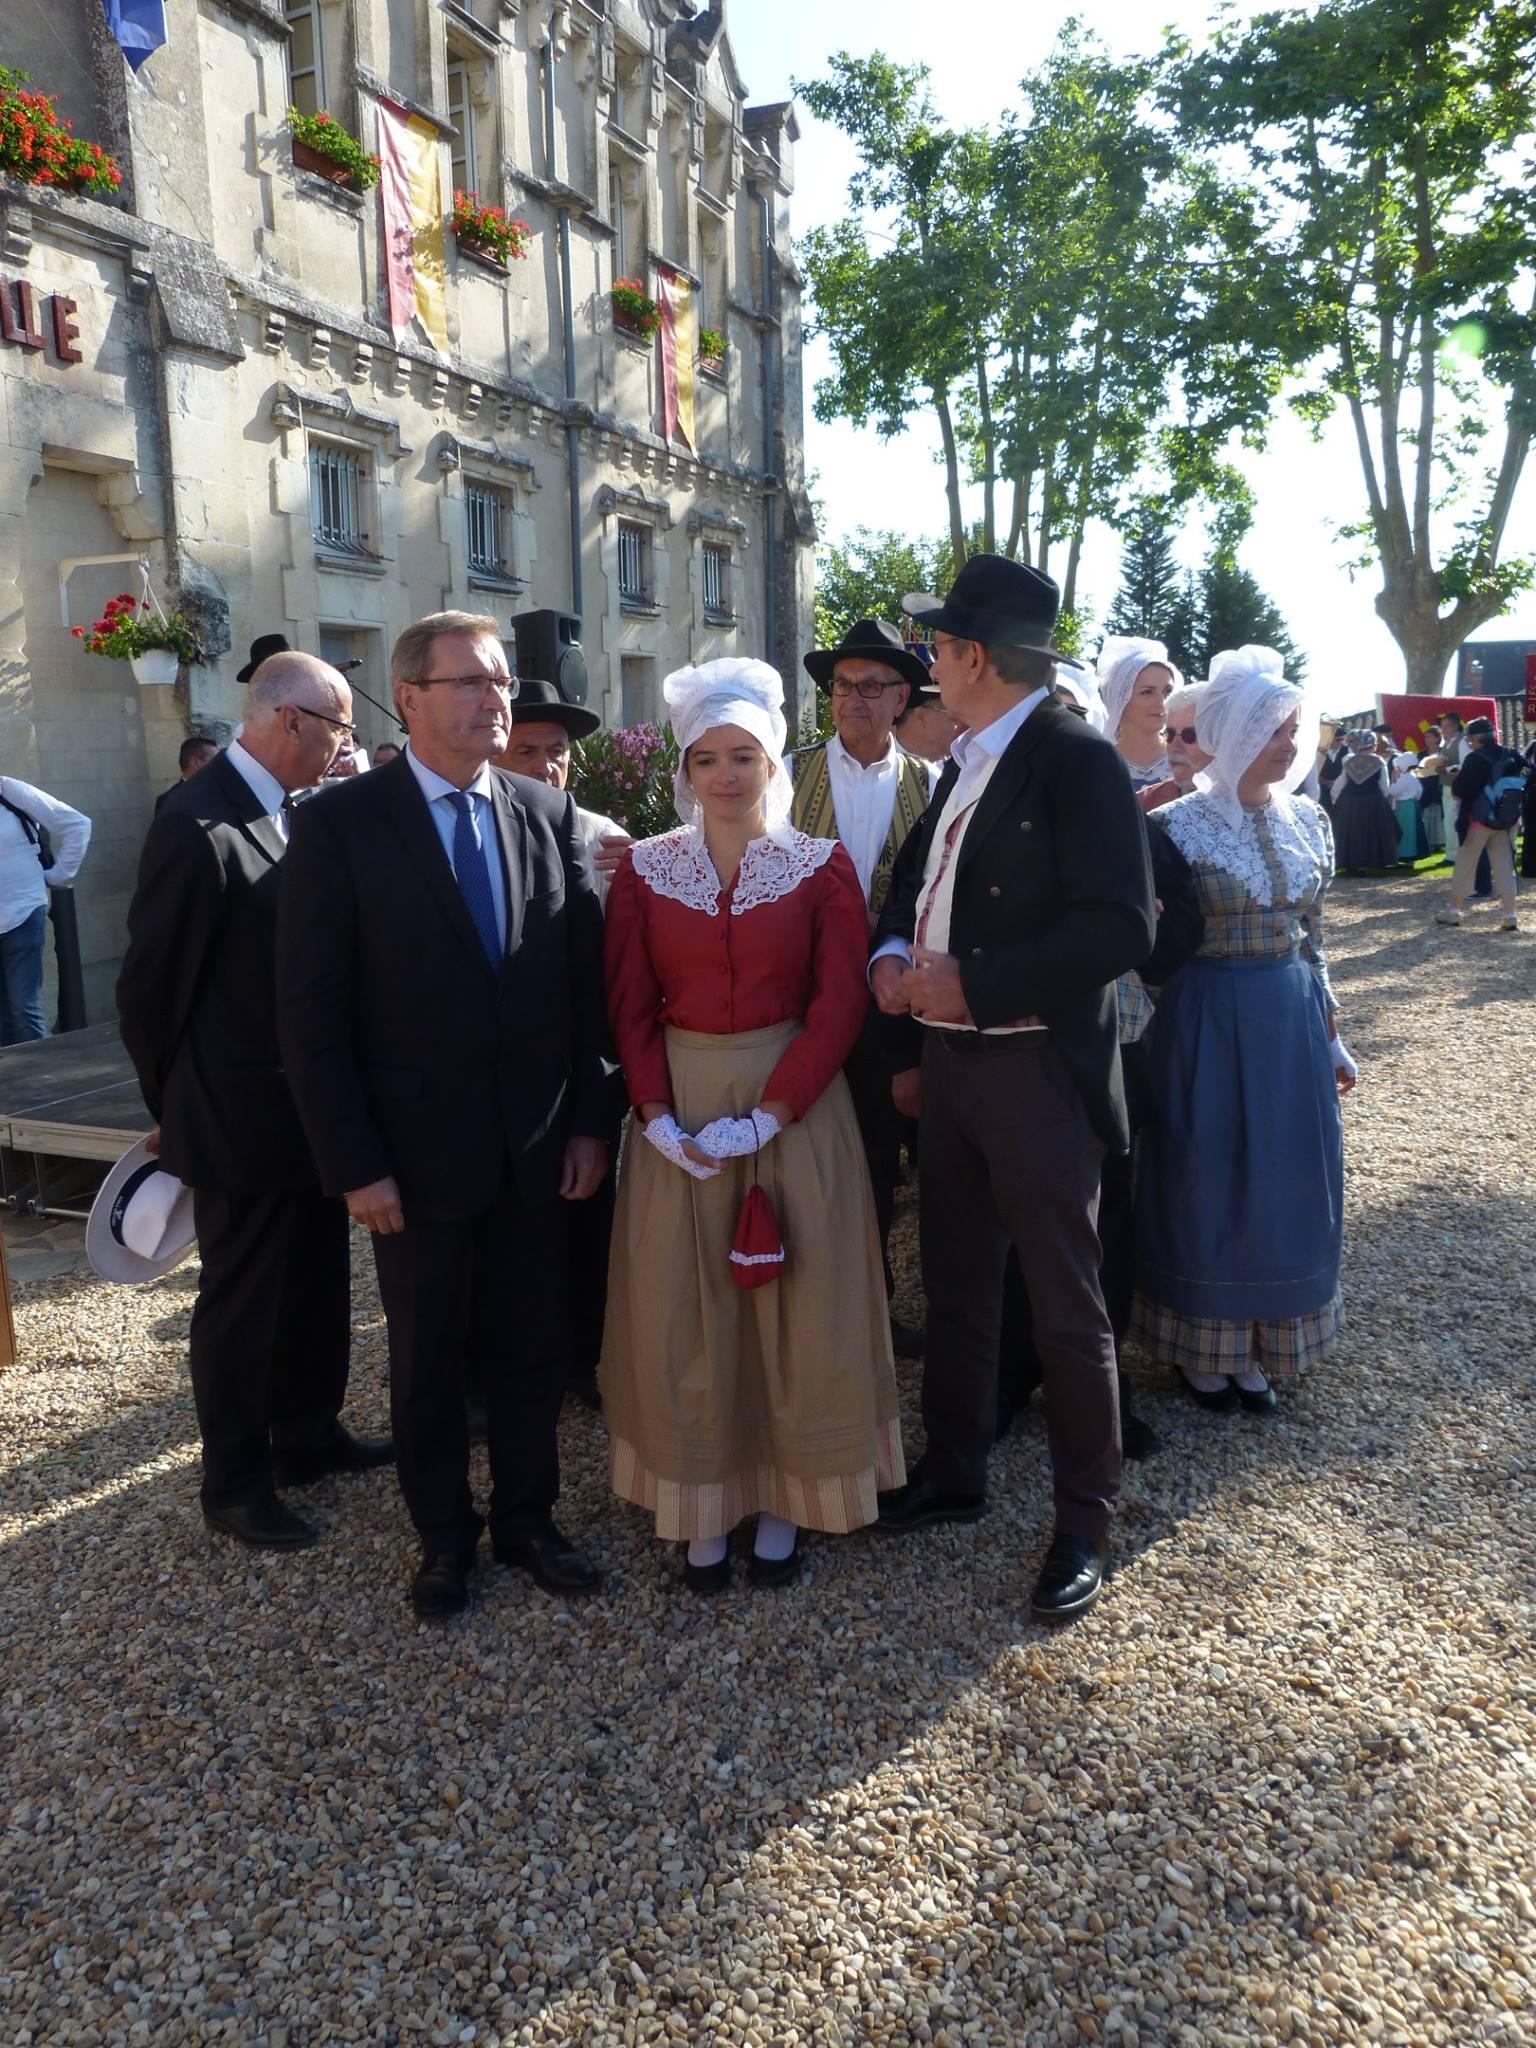 félibree fête de l'occitanie en dordogne événement culture découverte occitan culture régionale groupe folklorique les ménestrels sarladais